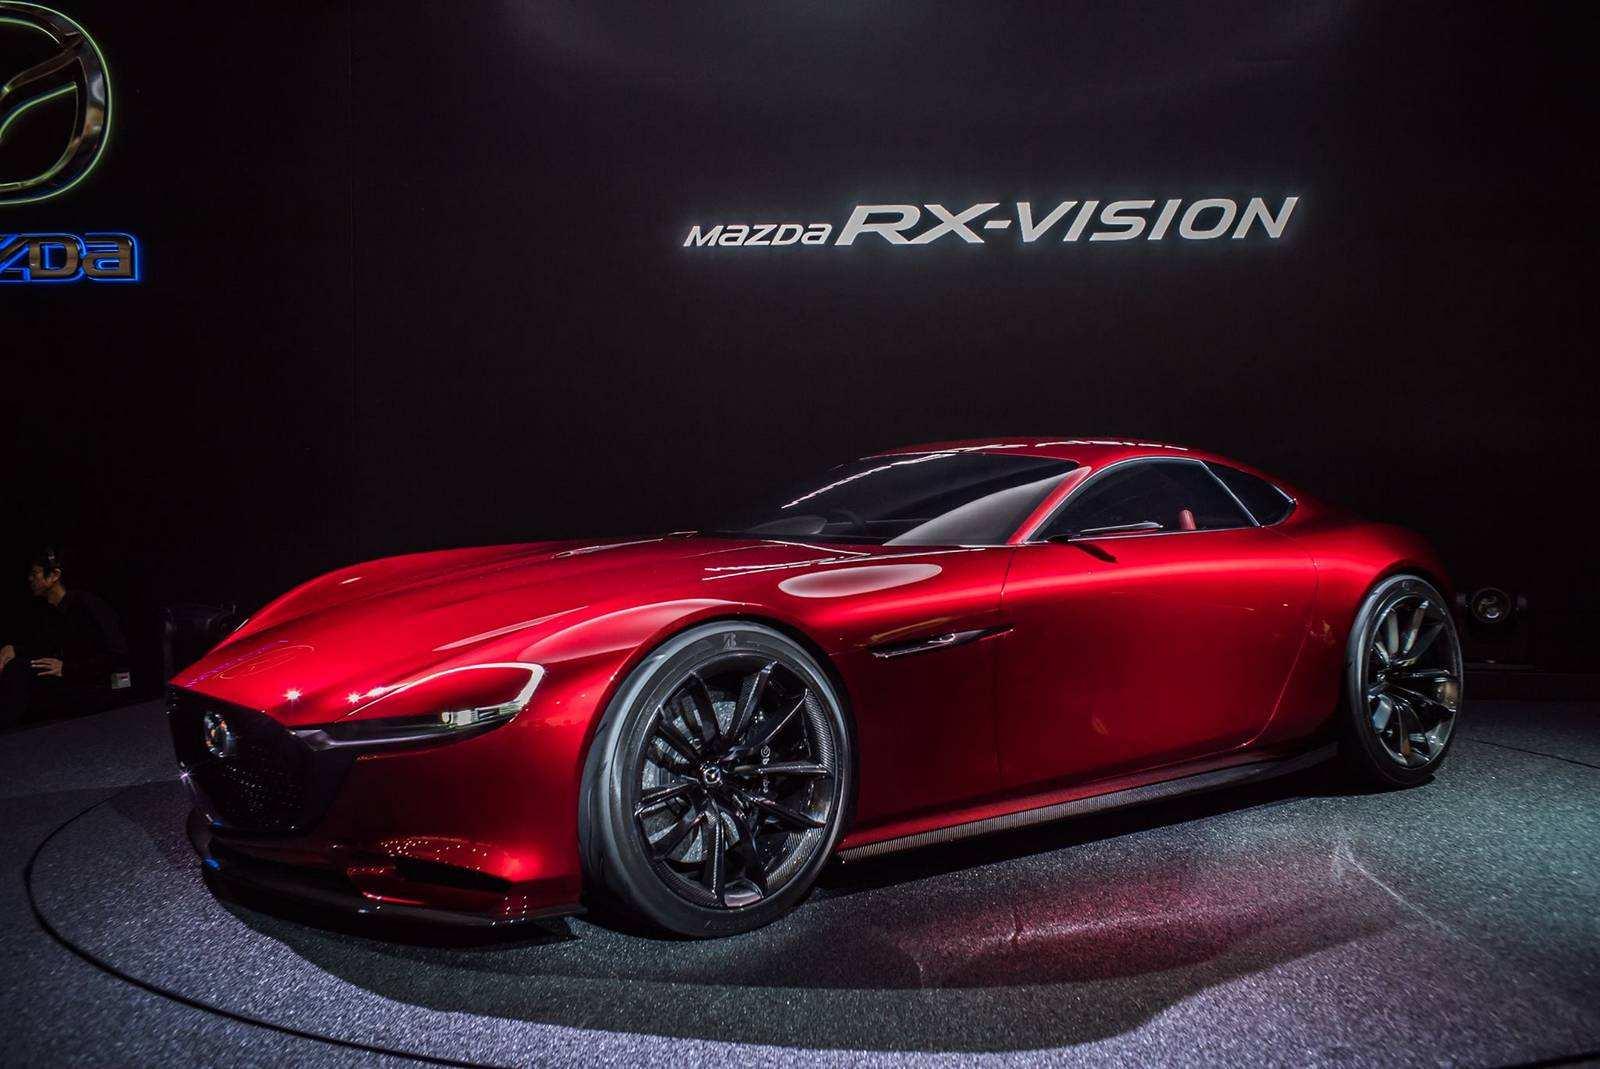 32 Best Review Motor Mazda 2020 Photos for Motor Mazda 2020